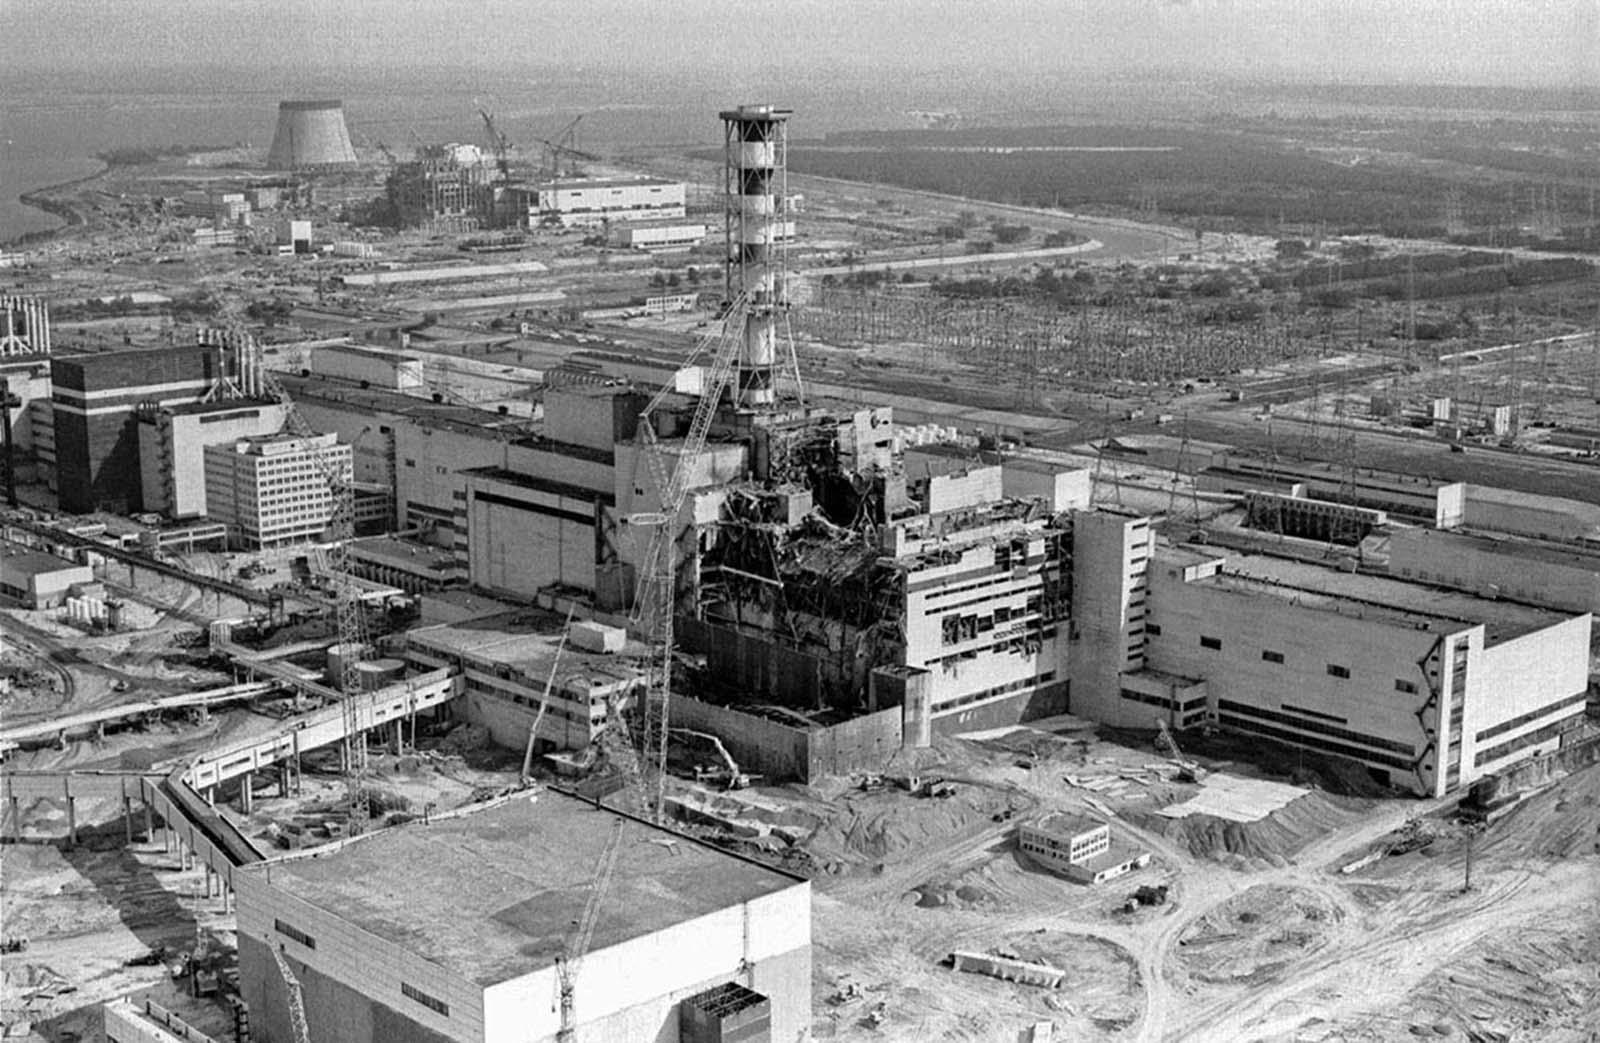 Una vista aérea de la planta nuclear dañada de Chernobyl que se encuentra en proceso de reparación y contención en 1986.